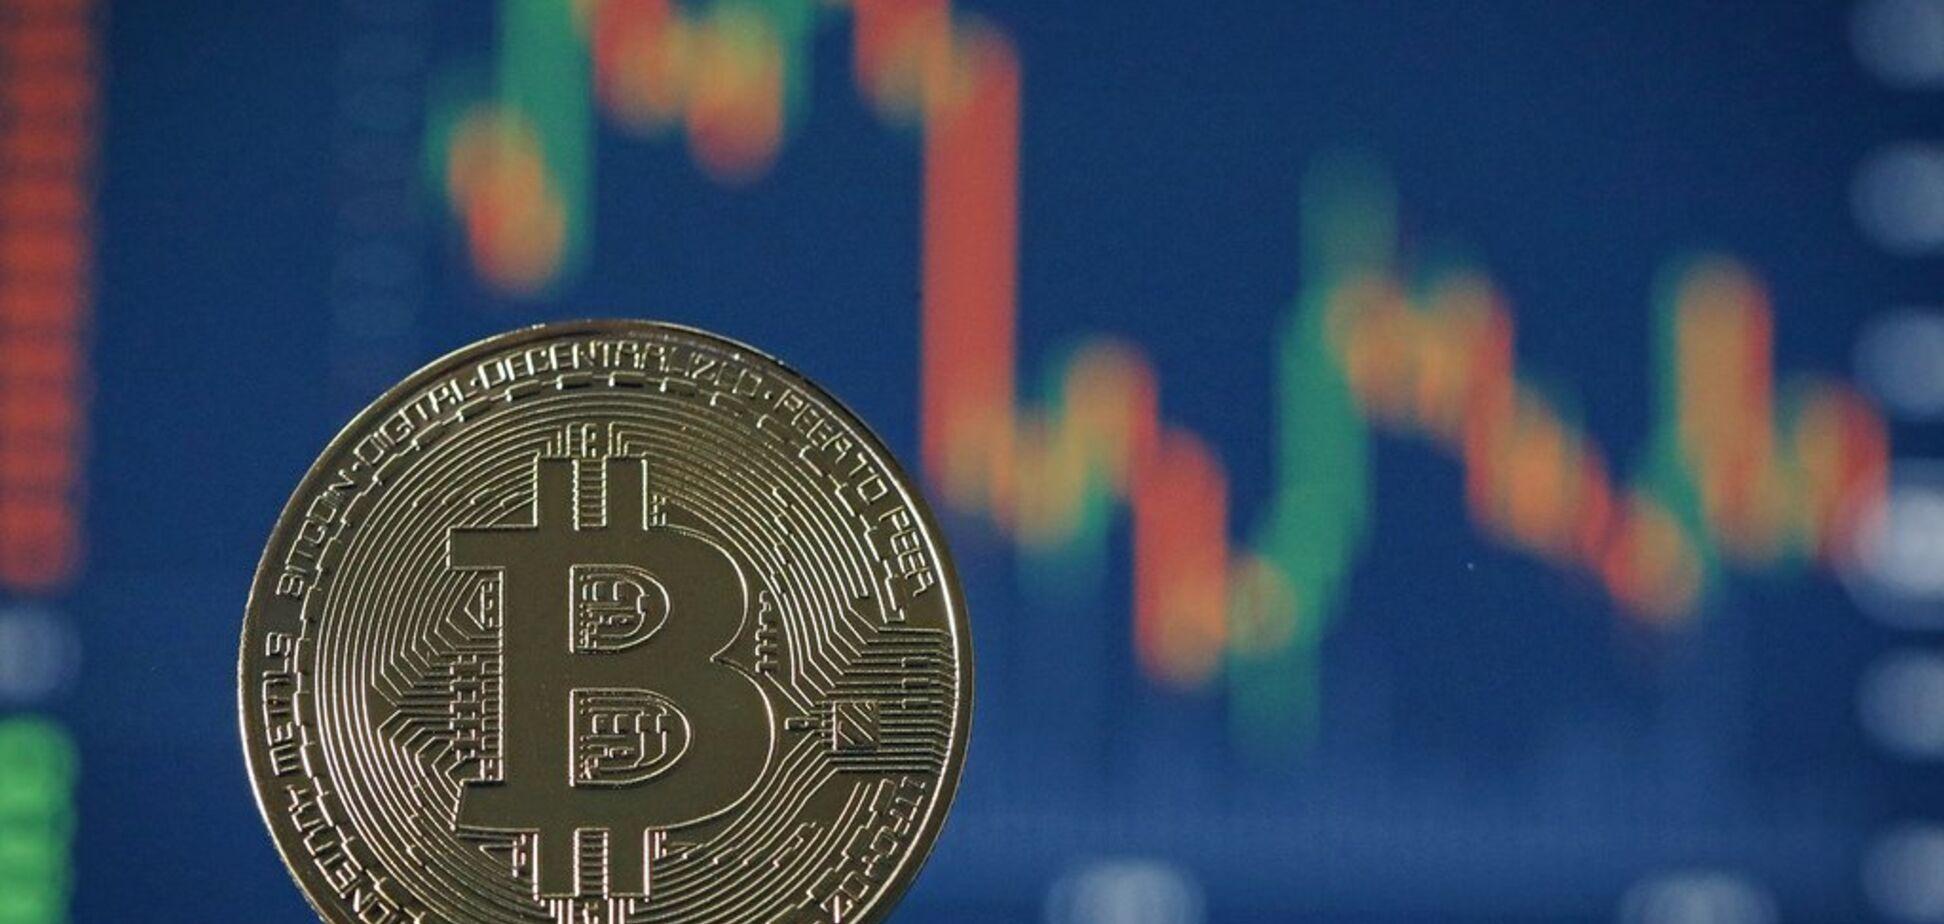 Биткоин упал и потянул за собой рынок криптовалют